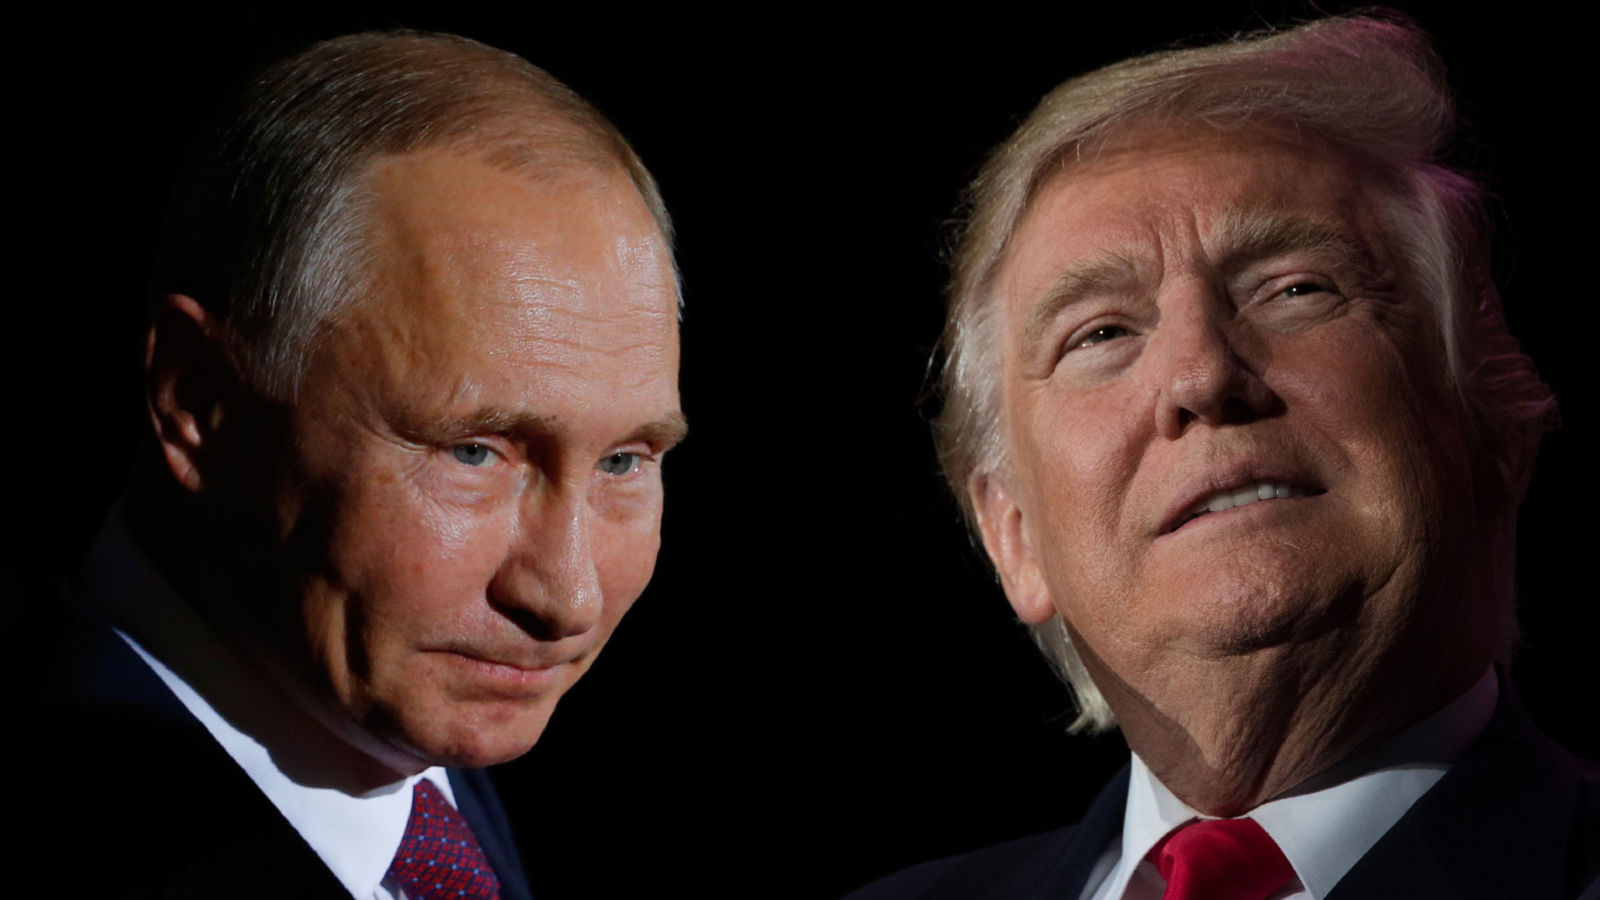 Storica stretta di mano tra Trump e Putin, oggi all'appuntamento con la storia